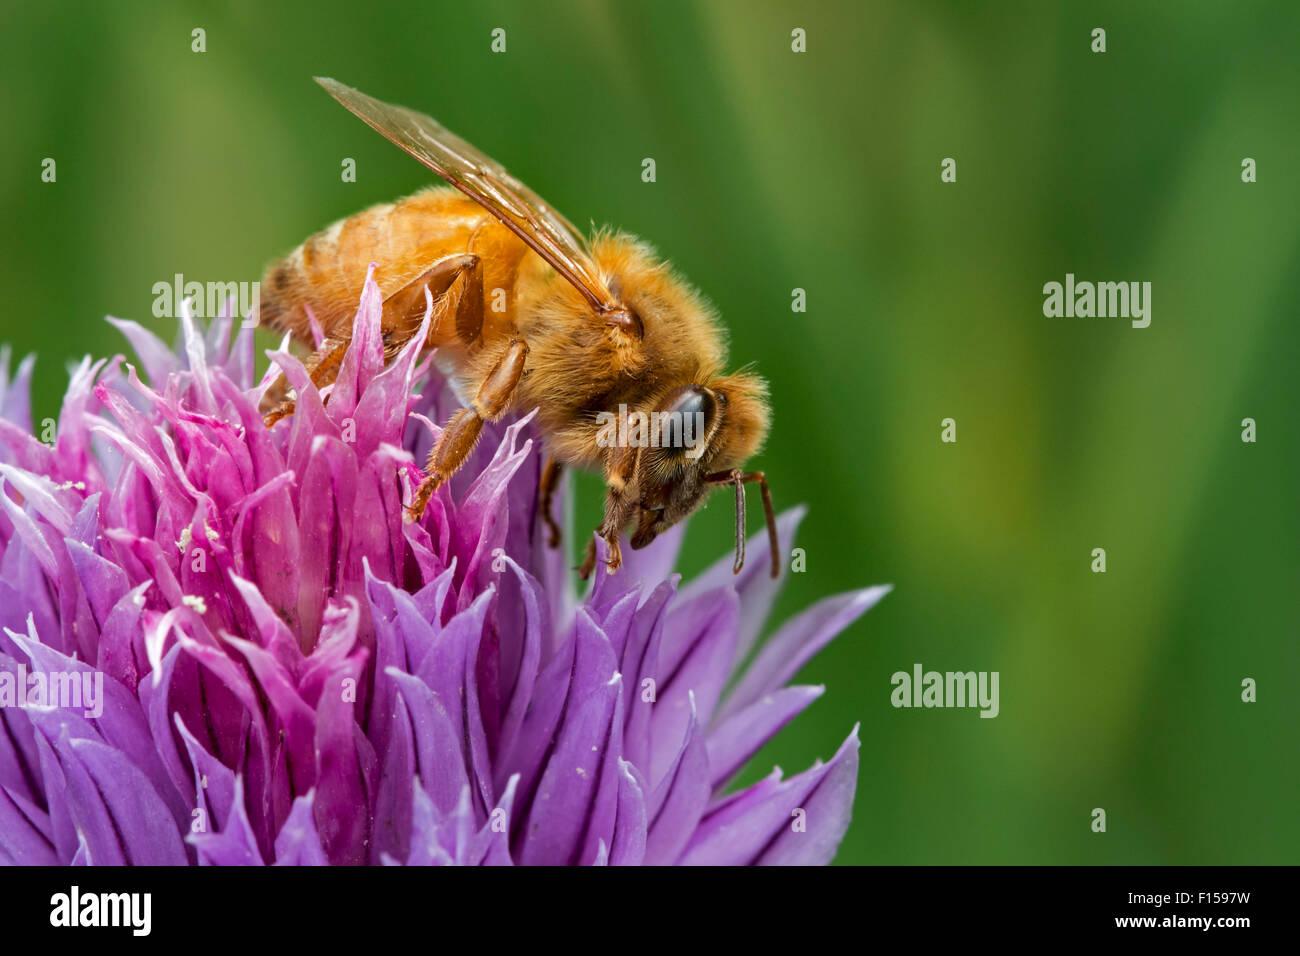 Abeja cordobés italiana (Apis mellifera ligustica), subespecies del oeste de las abejas recolectando néctar de floración cebollino Foto de stock